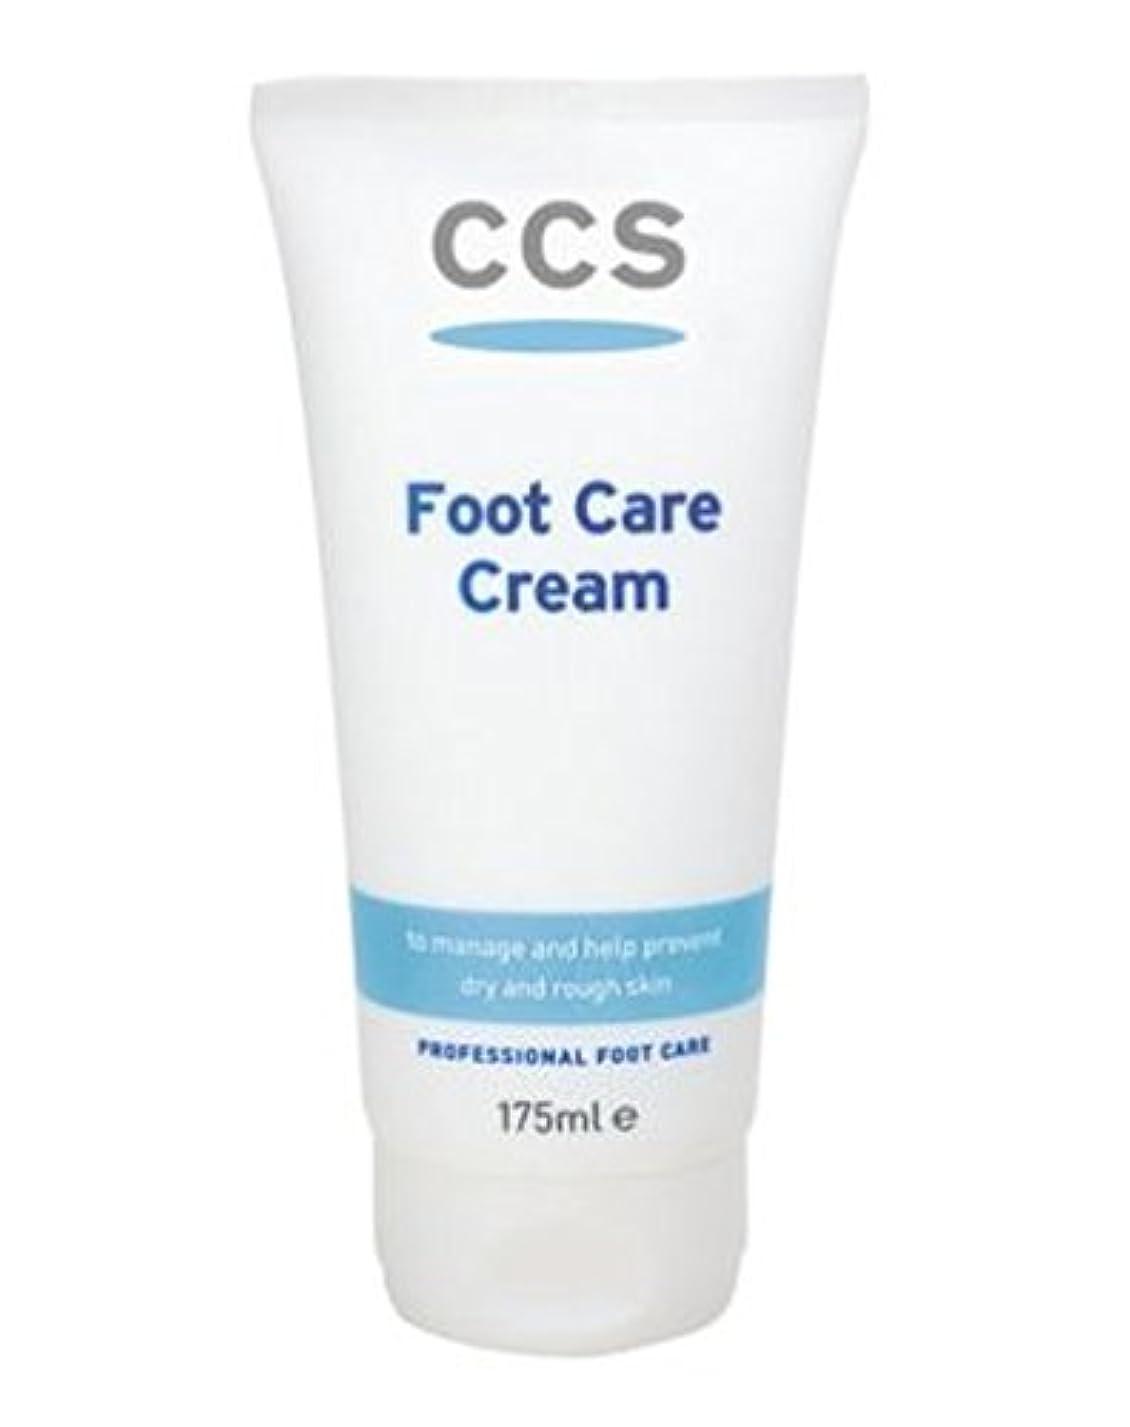 所持悪化させるアグネスグレイCCS Foot Care Cream - 175ml - Ccs足のケアクリーム - 175ミリリットル (Ccs) [並行輸入品]